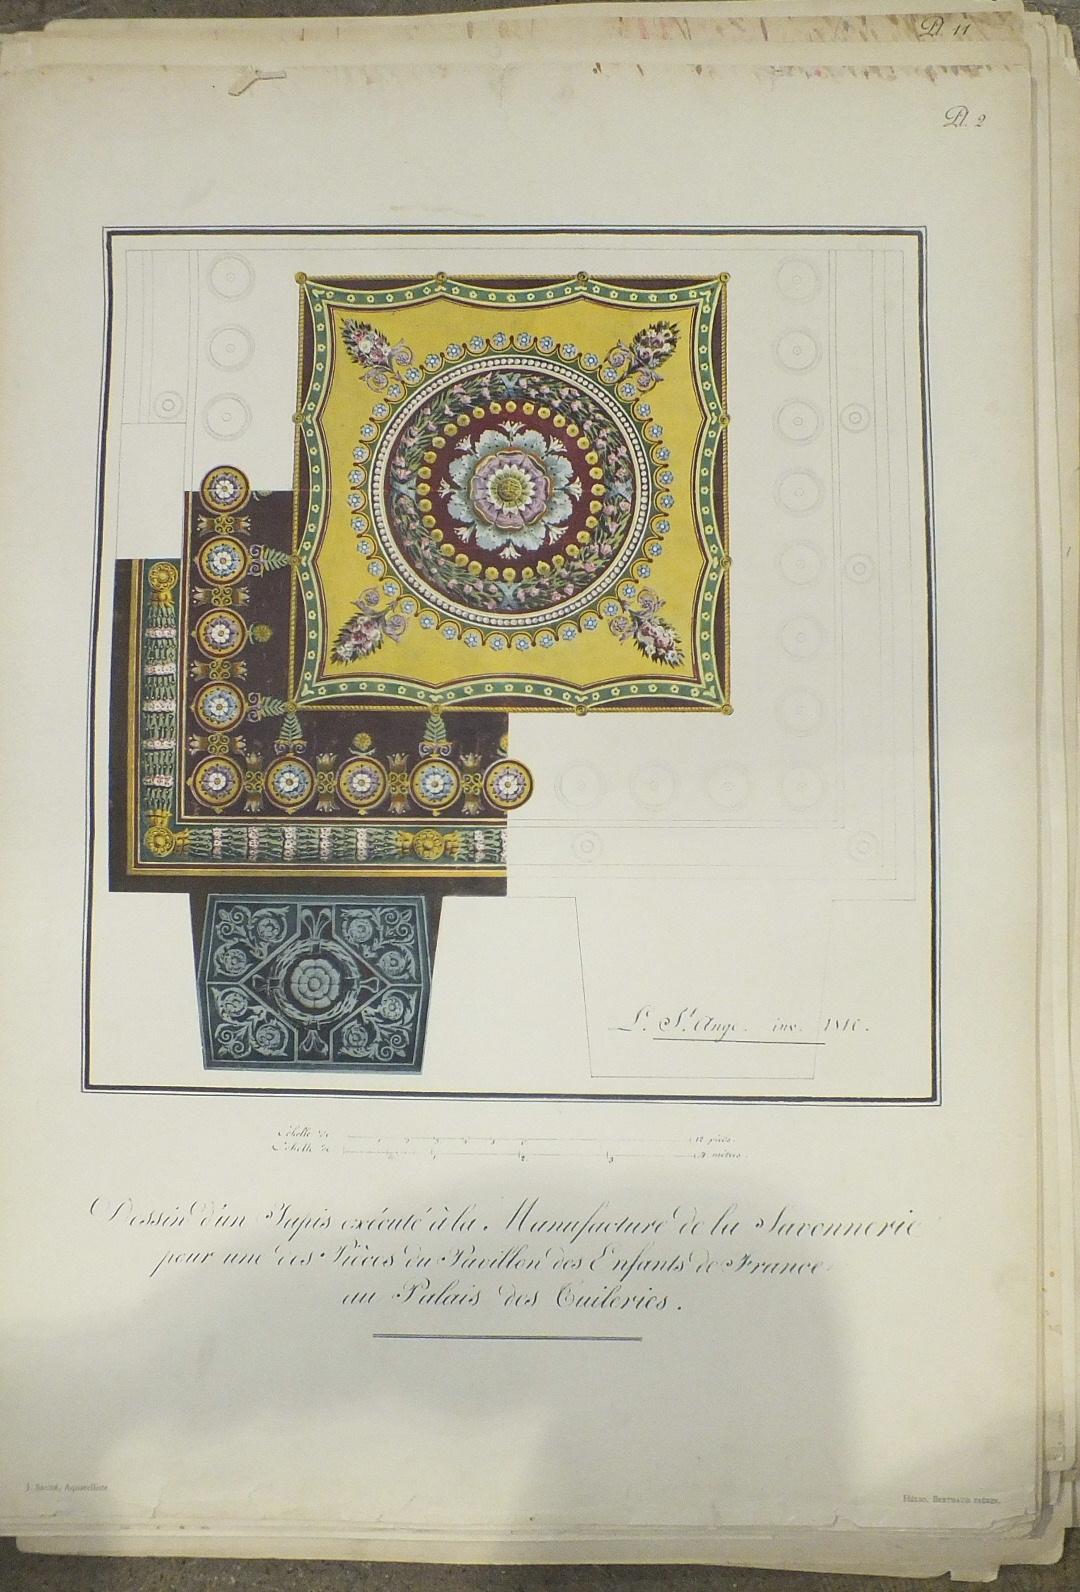 Dumonthier (Ernest), Recueil de Dessins de Tapis et de Tapisseries d'Ameublement du Mobilier de la - Image 2 of 3